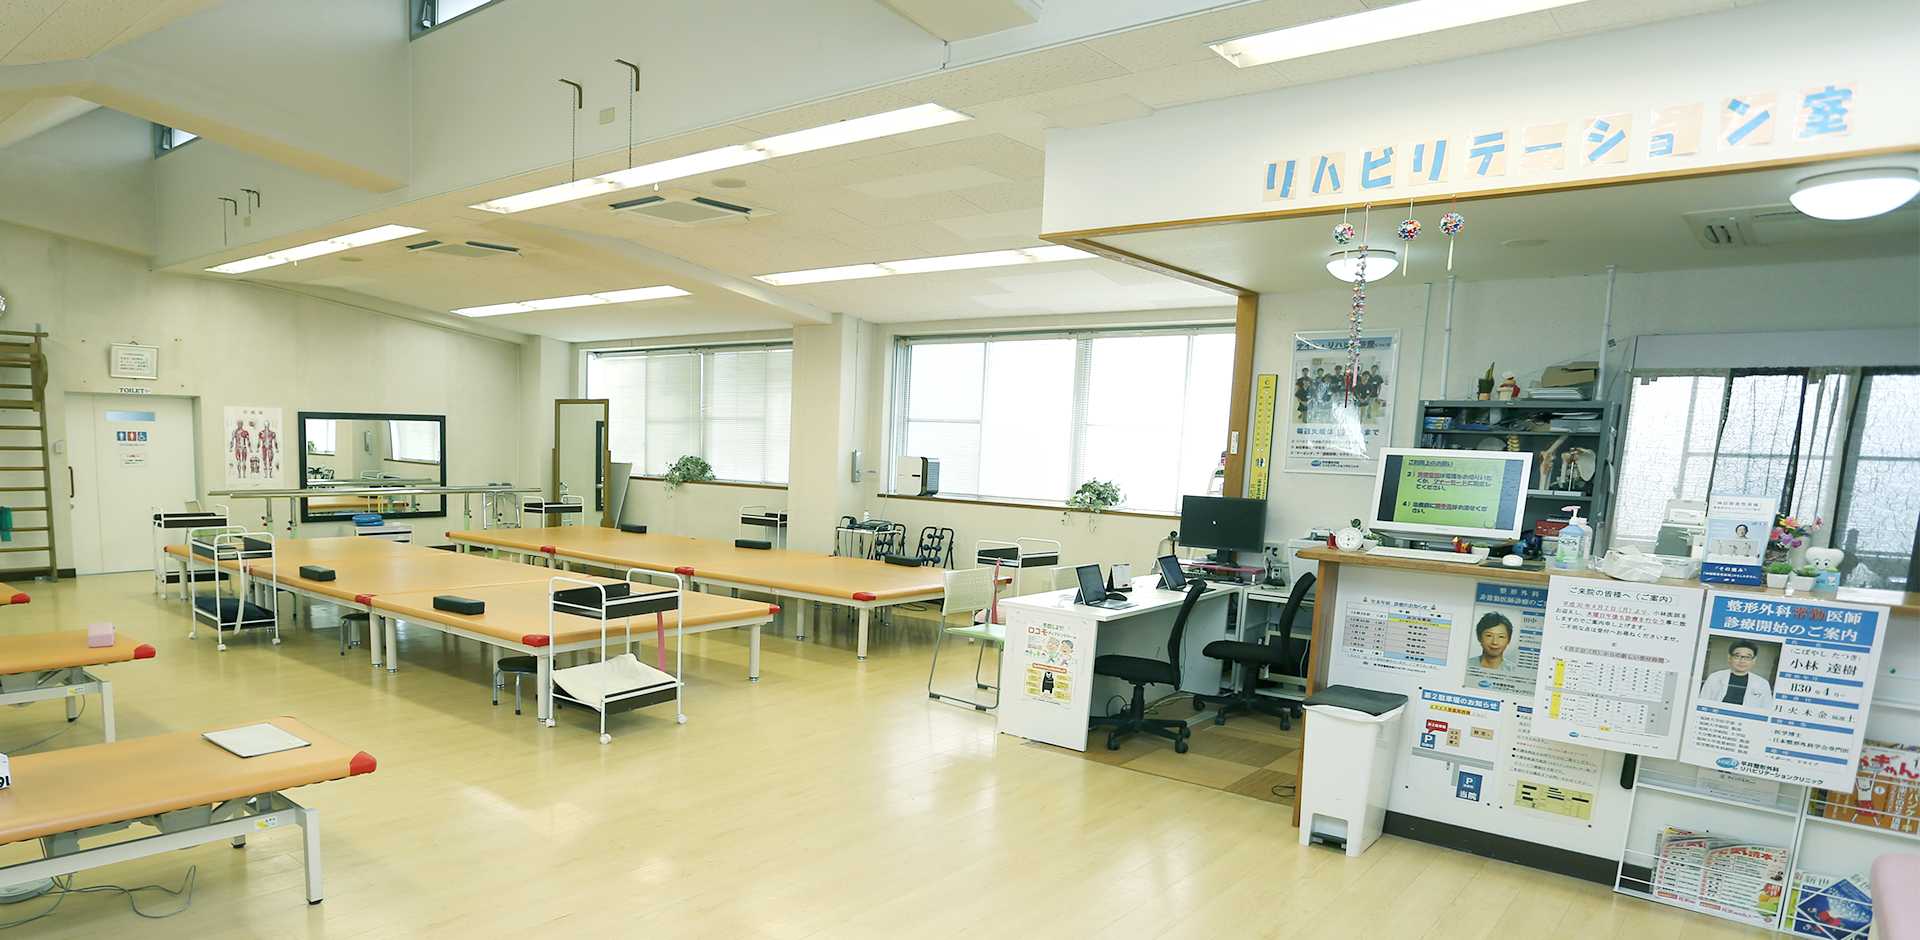 デイケアセンター平井